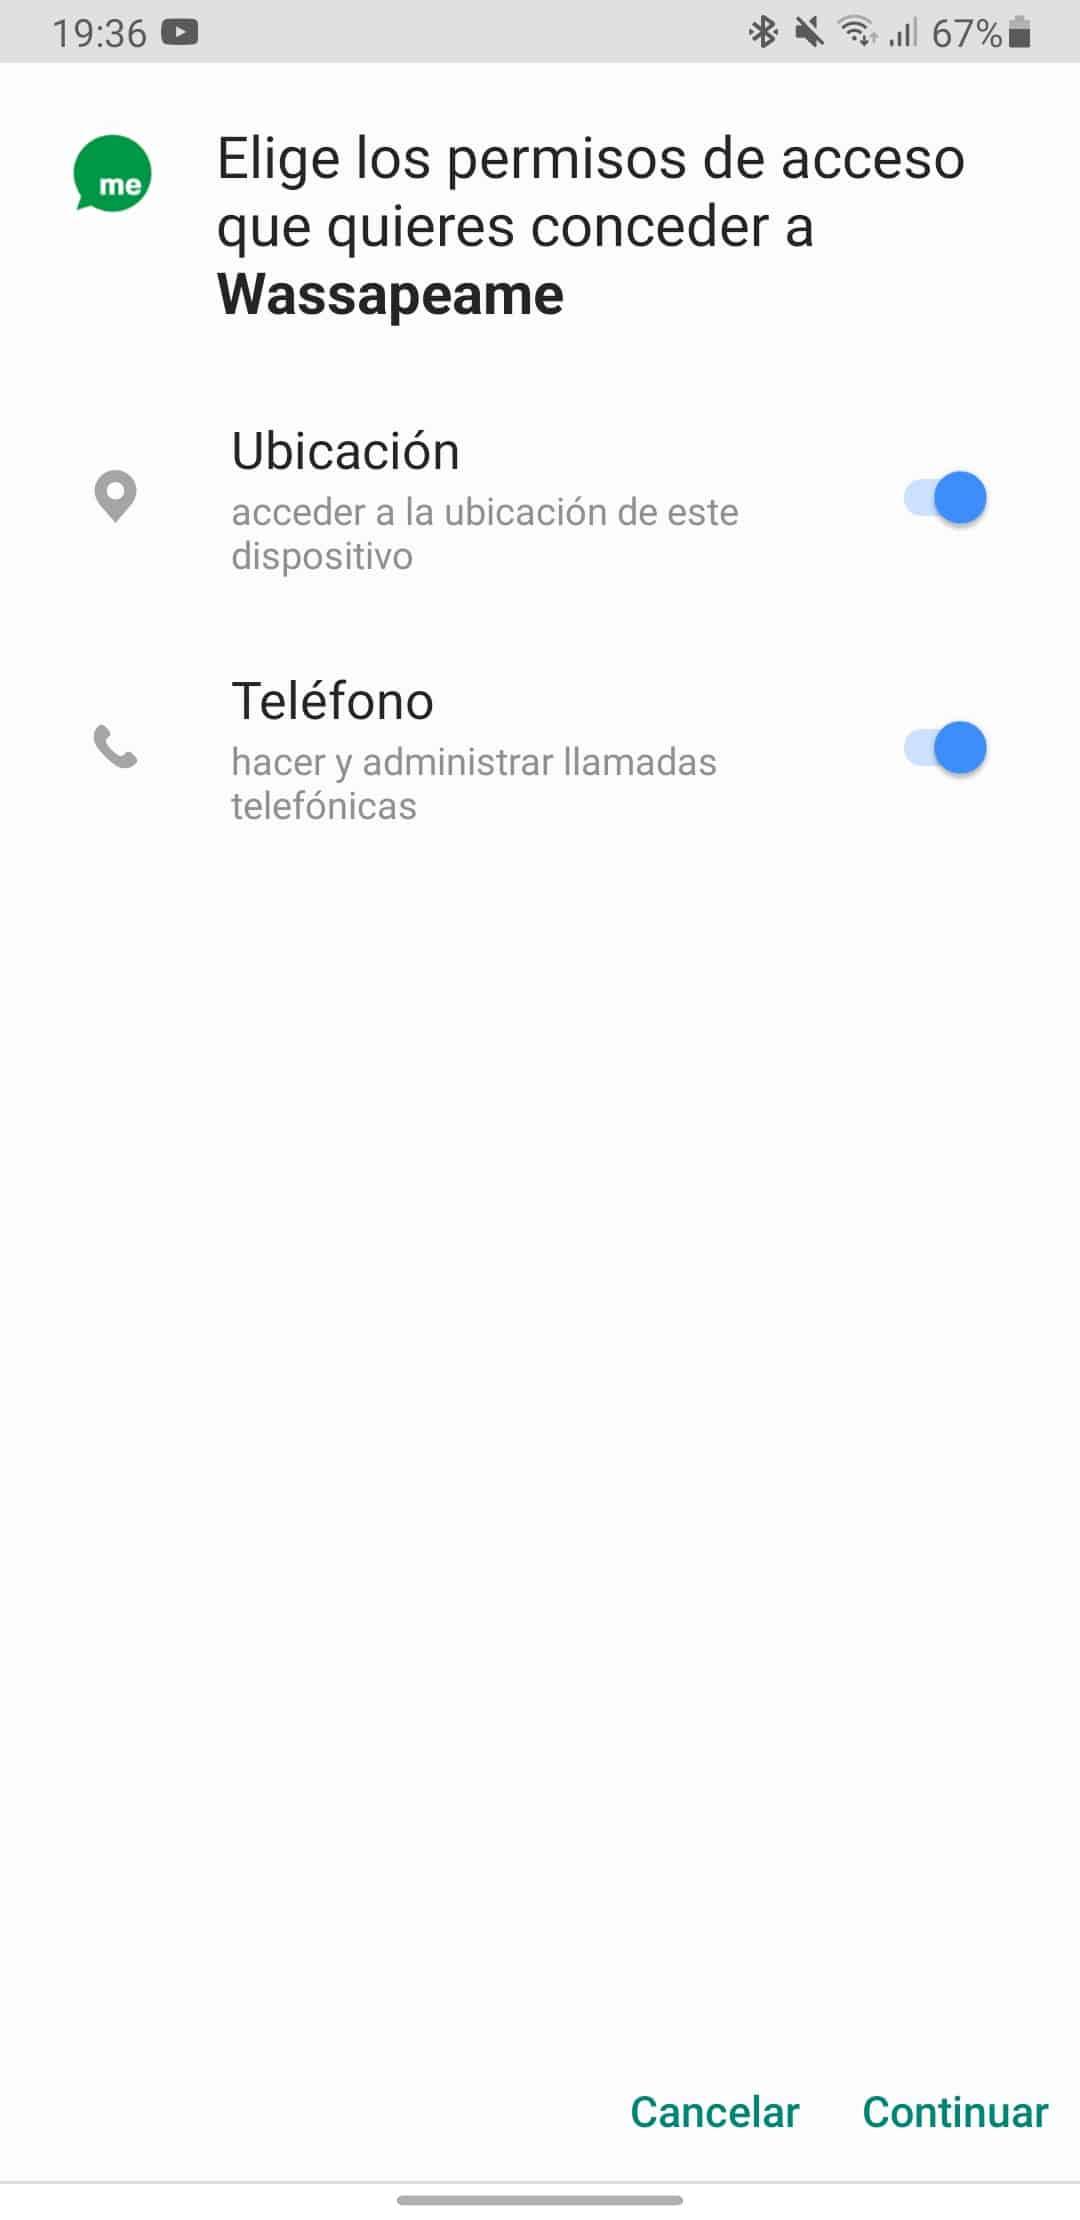 mensajes anónimos por whatsapp